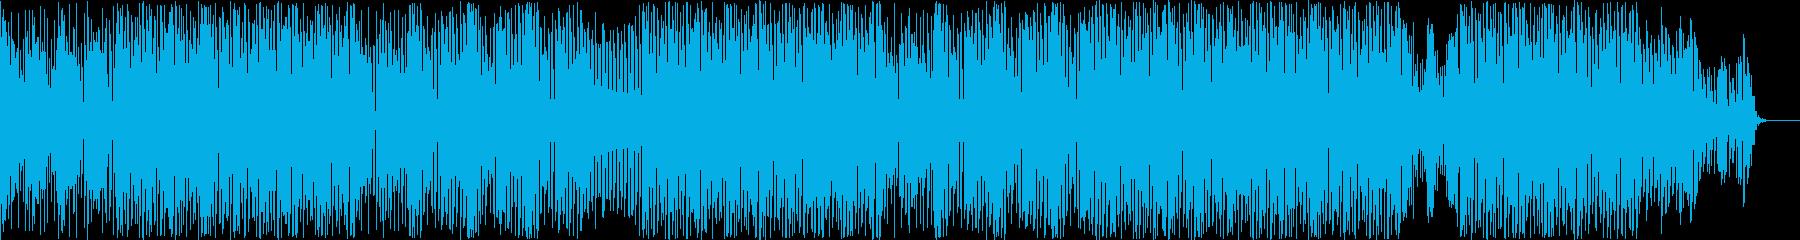 ダーク的でリズム良いポップ調の再生済みの波形